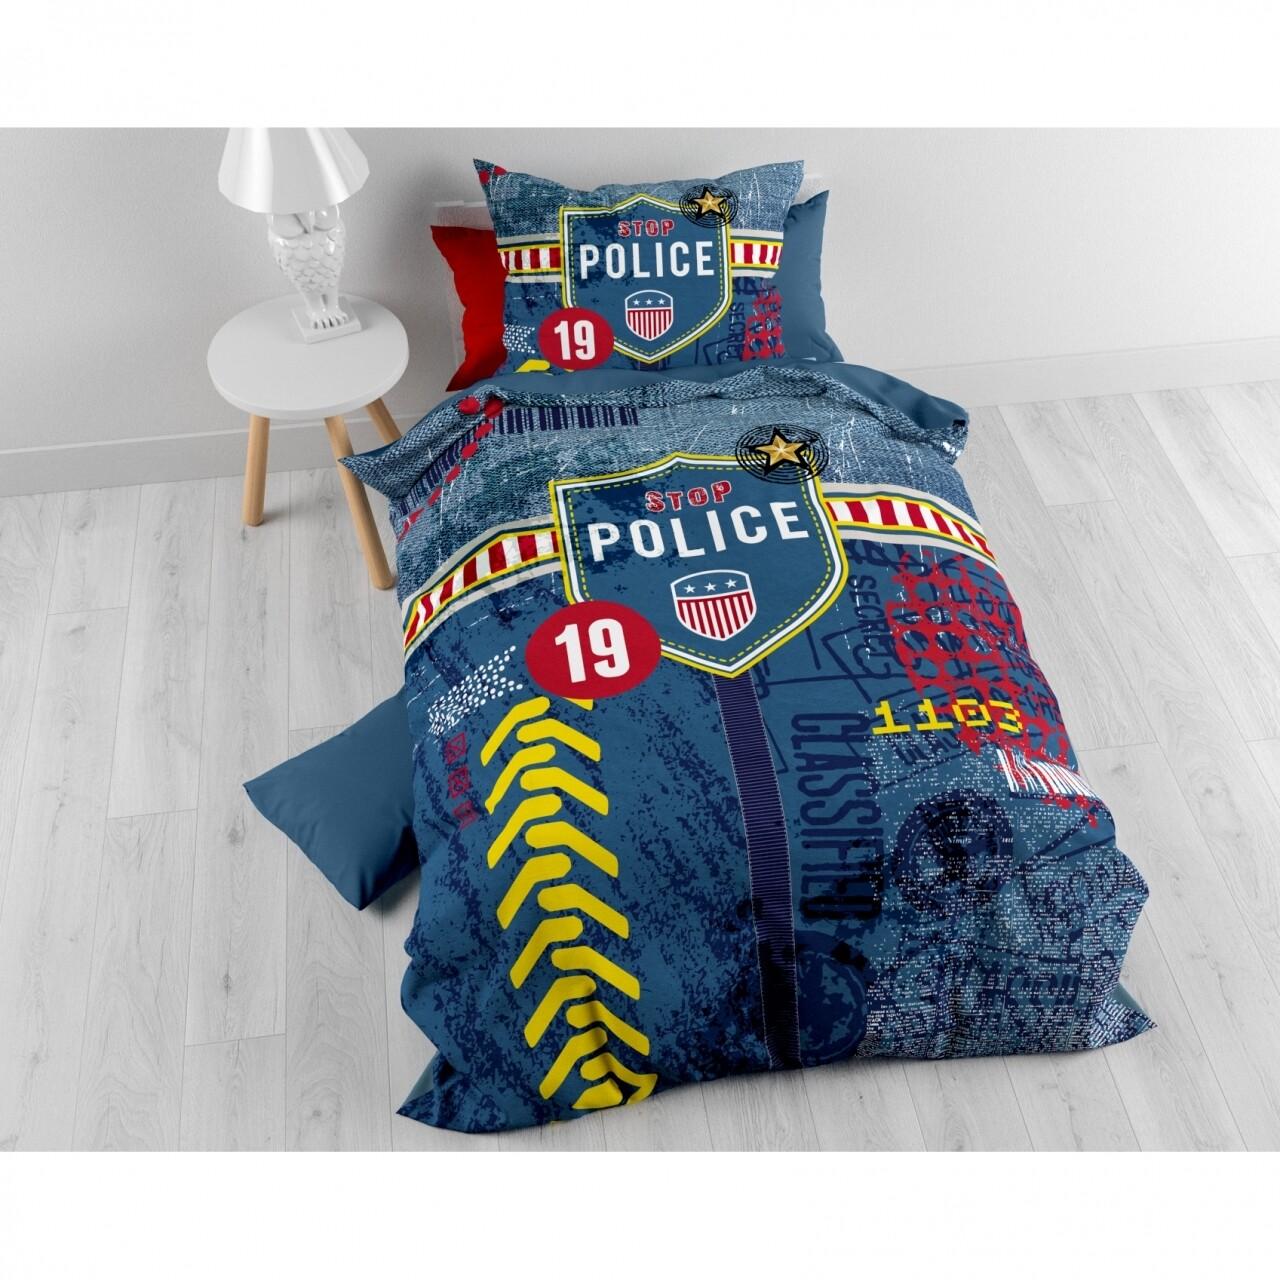 Lenjerie de pat pentru o persoana, Police Man Blue, Royal Textile,  2 piese, 140 x 200 cm, 100% bumbac, multicolora